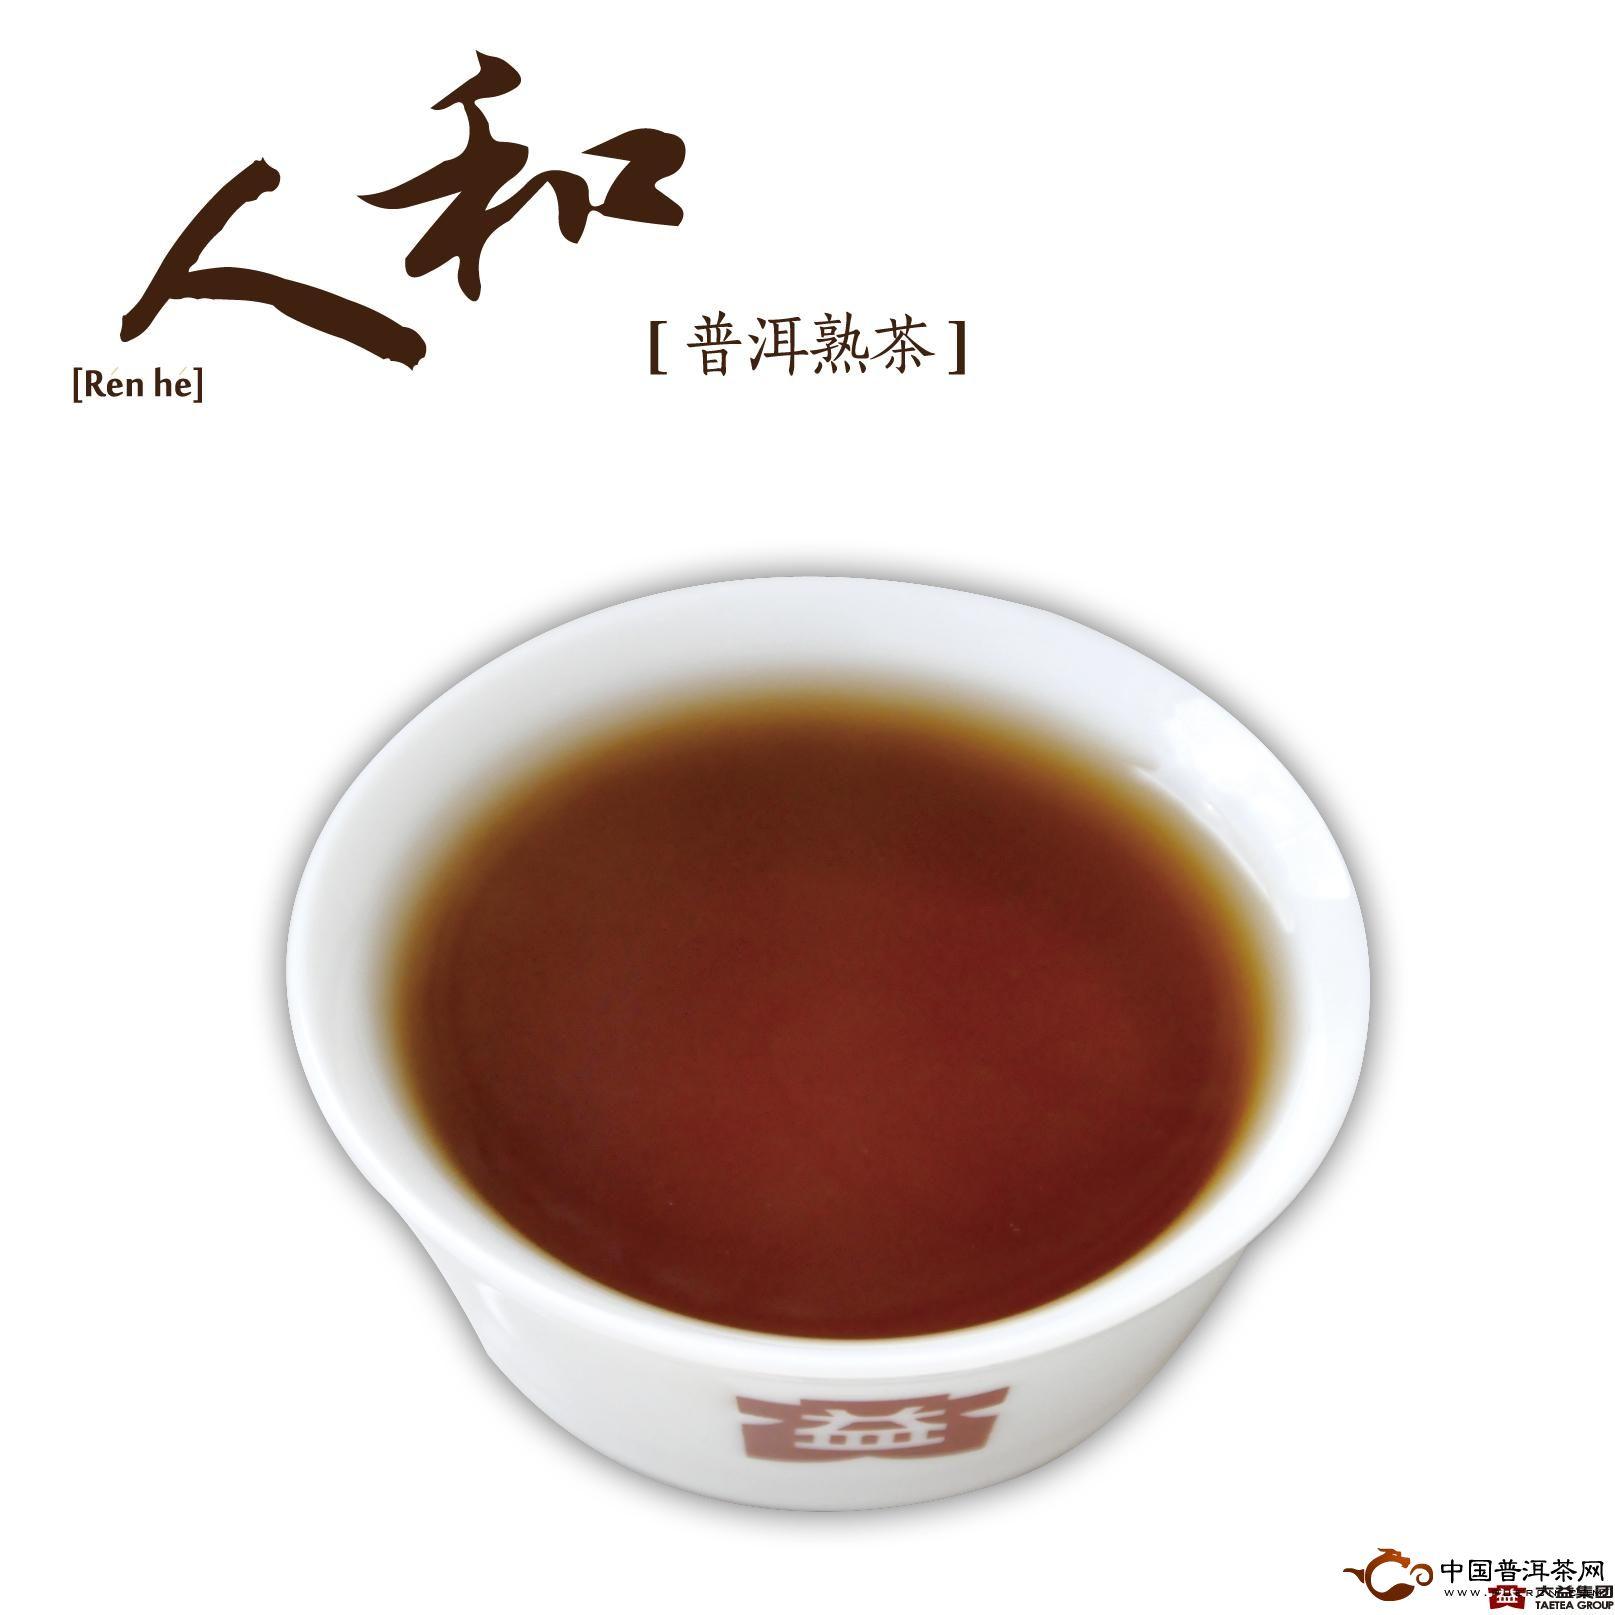 大益天地人和生熟礼品茶